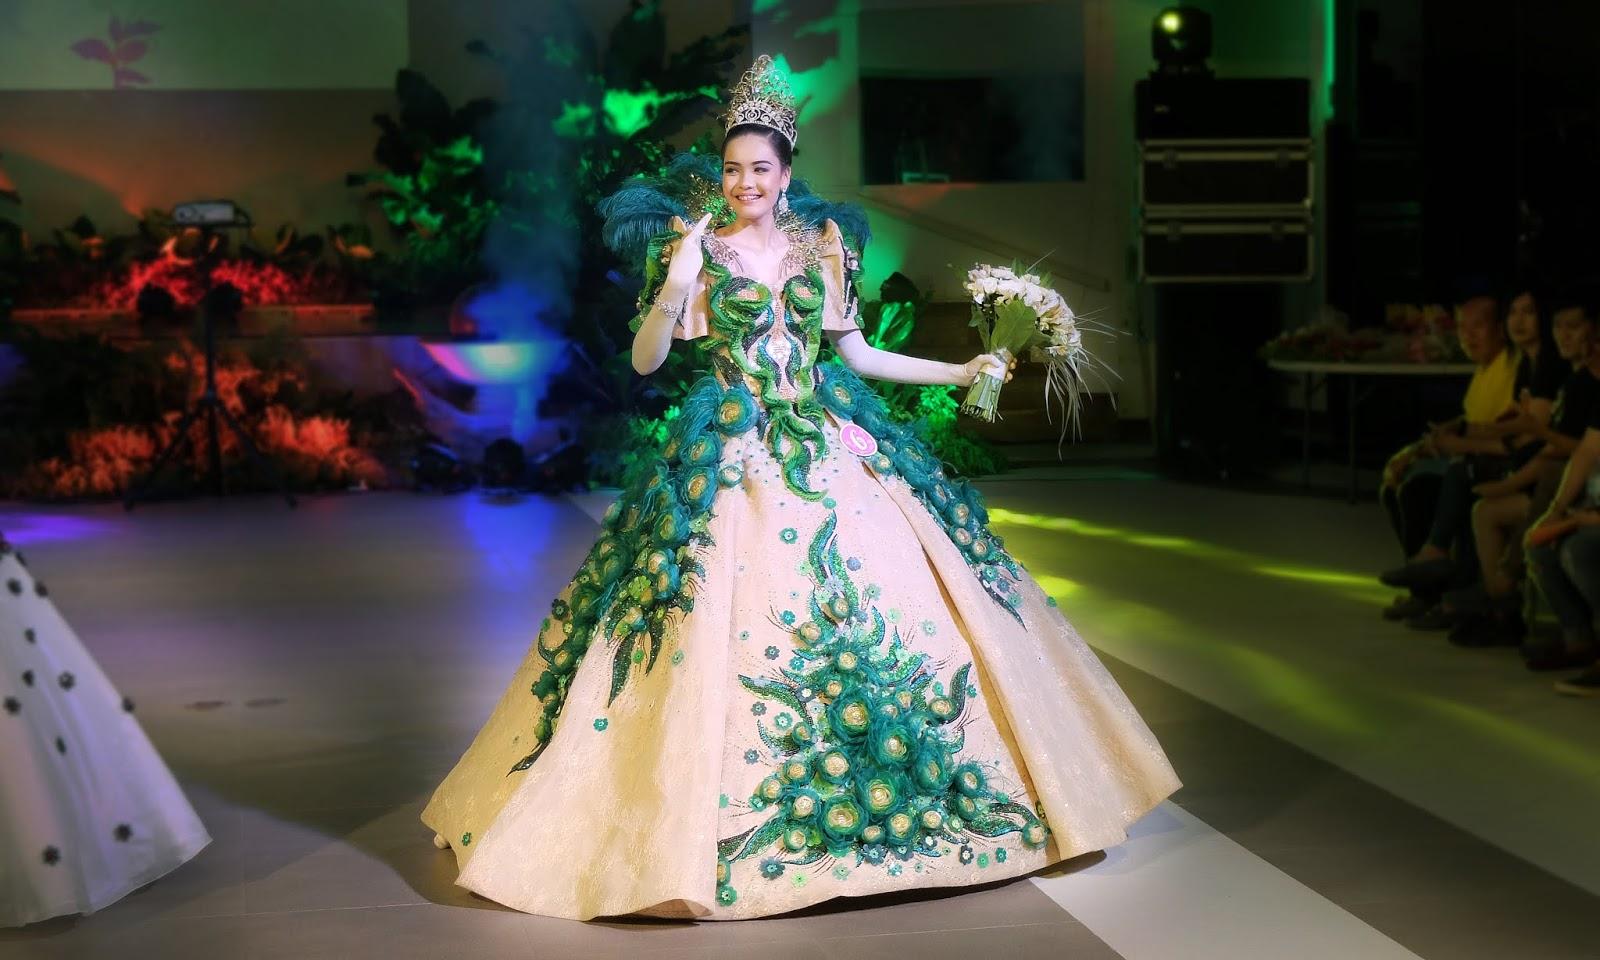 Angelique Natividad Federico Navarro Es la Hora Vigan Ilocos Sur Binatbatan Festival de las Bellas y Flores Gown Competition National Costume